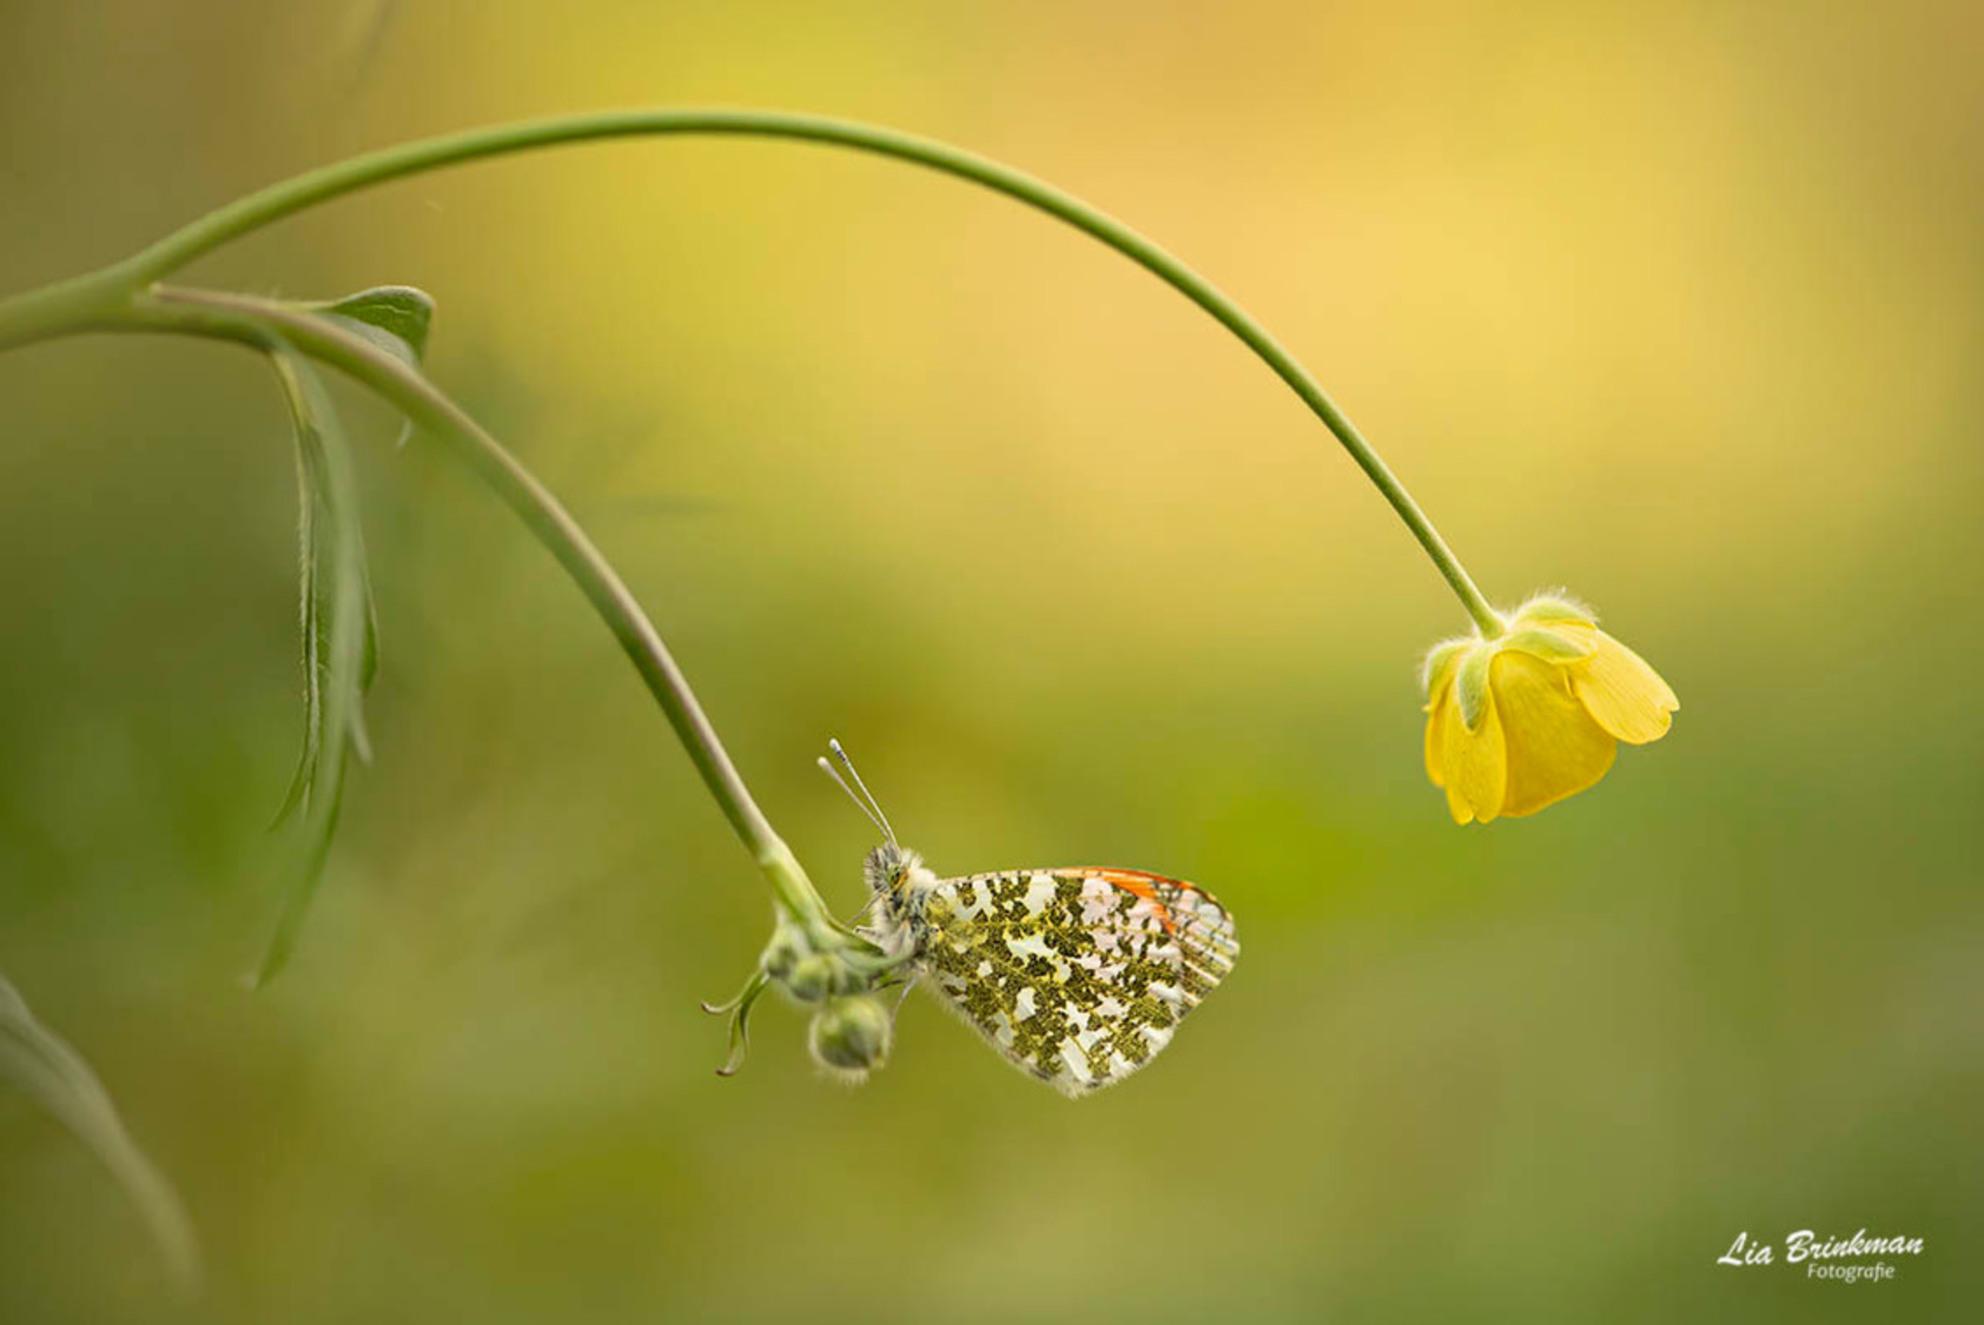 oranje tipje - Oranjetipje, Aurorafalter, l'Aurore  Het oranjetipje is een dagvlinder familie de witjes. Het is een gemakkelijk te herkennen voorjaarsvlinder. Het - foto door hulsman op 21-04-2019 - deze foto bevat: groen, macro, wit, zon, bloem, lente, natuur, boterbloem, vlinder, bruin, geel, licht, oranje, oranjetipje, tegenlicht, insect, vlindertuin, dof, bokeh, aurorafalter, l'aurore - Deze foto mag gebruikt worden in een Zoom.nl publicatie